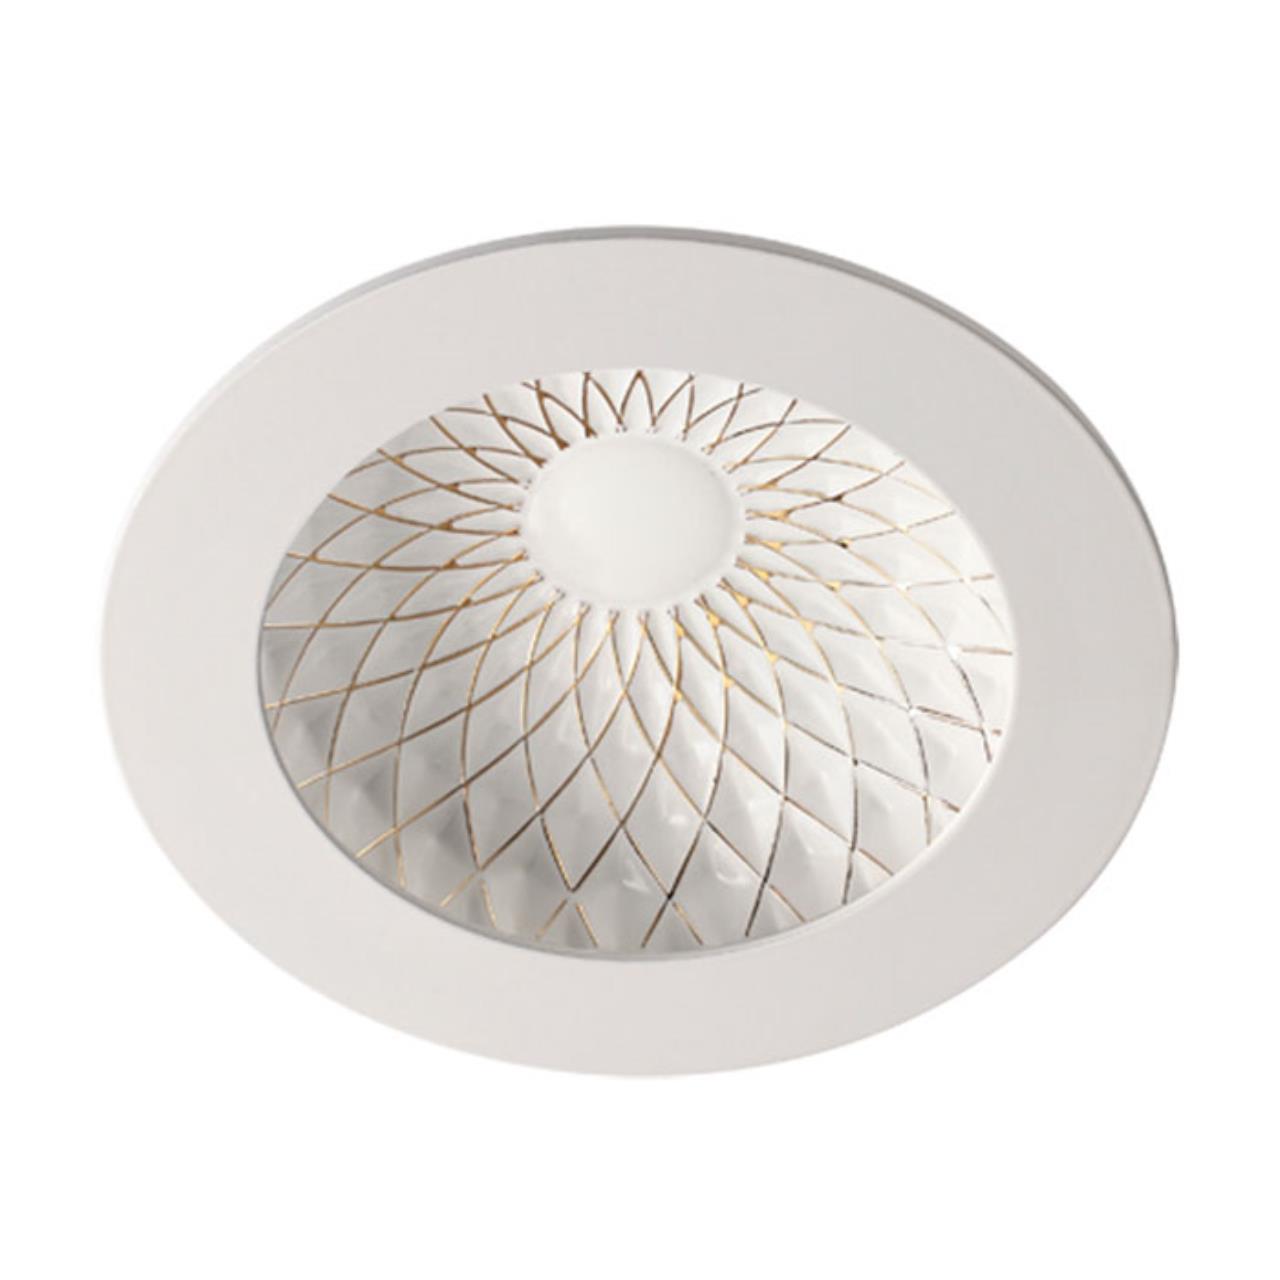 357503 SPOT NT18 141 белый/золото Встраиваемый светильник IP20 LED 3000K 9W 85-265V GESSO